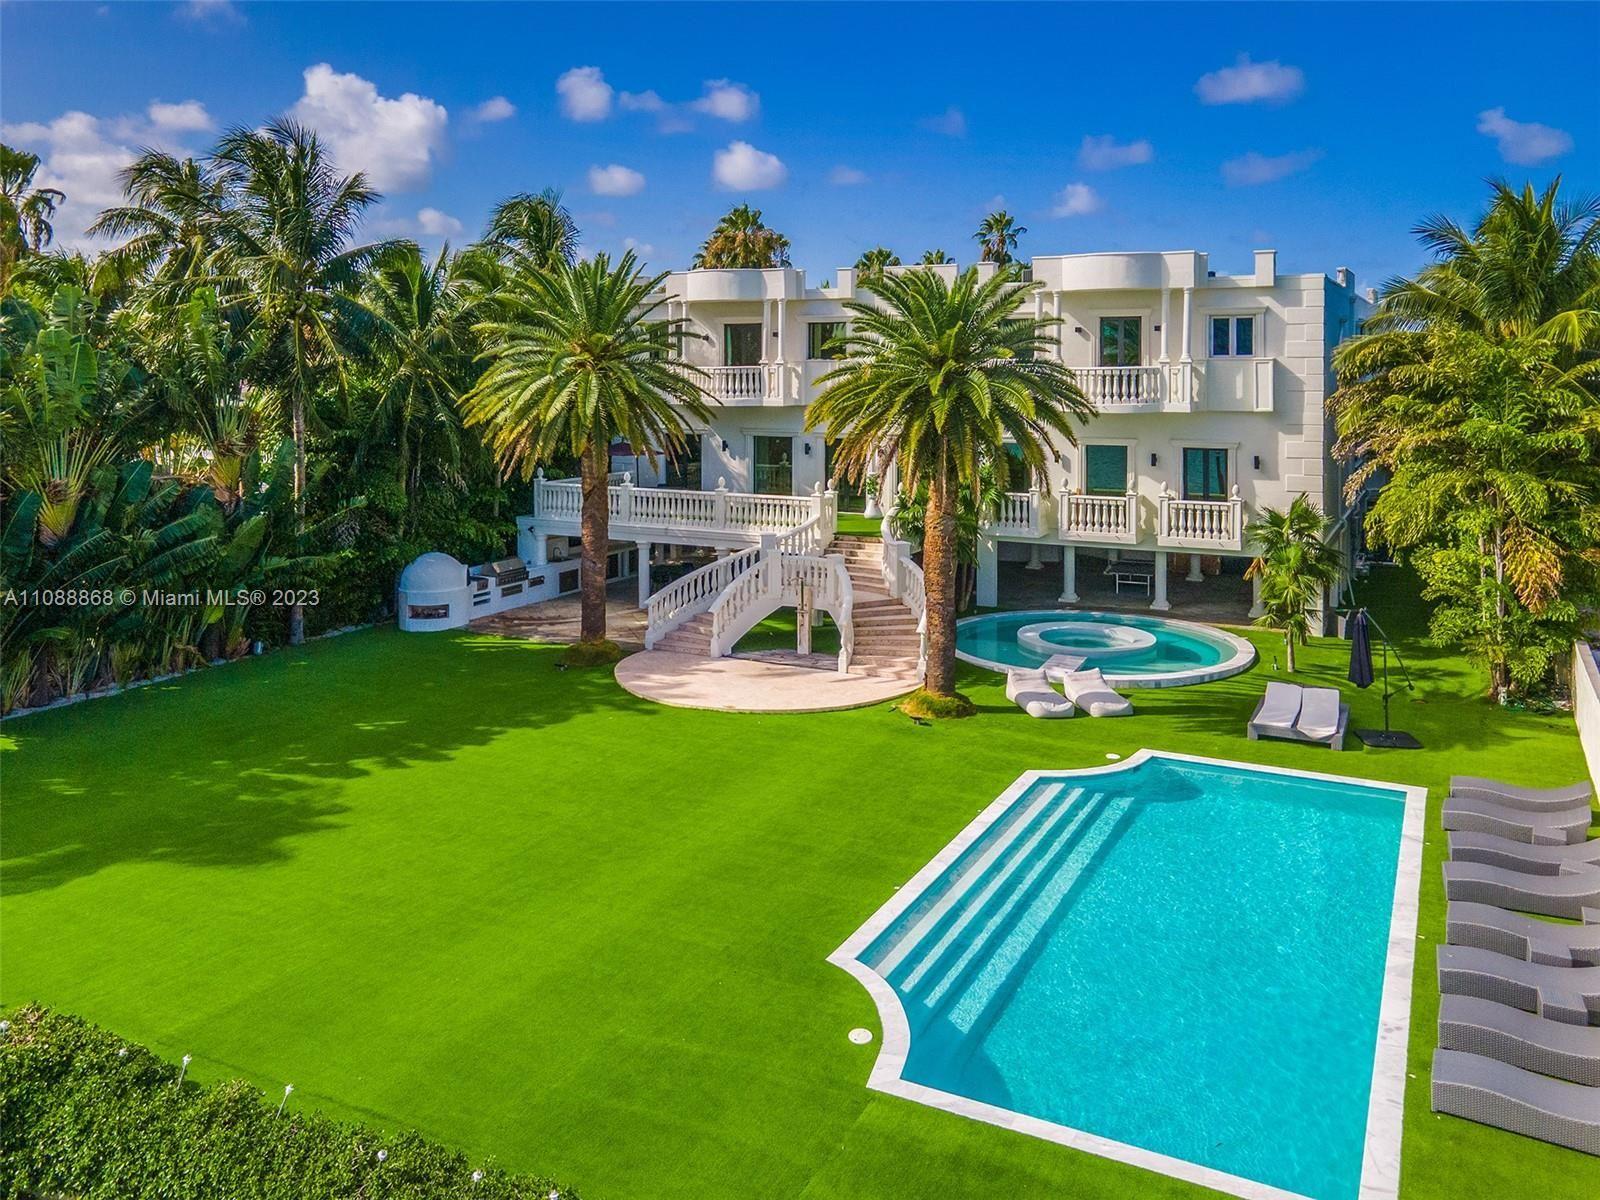 70 Palm Ave, Miami Beach, FL 33139 - #: A11088868